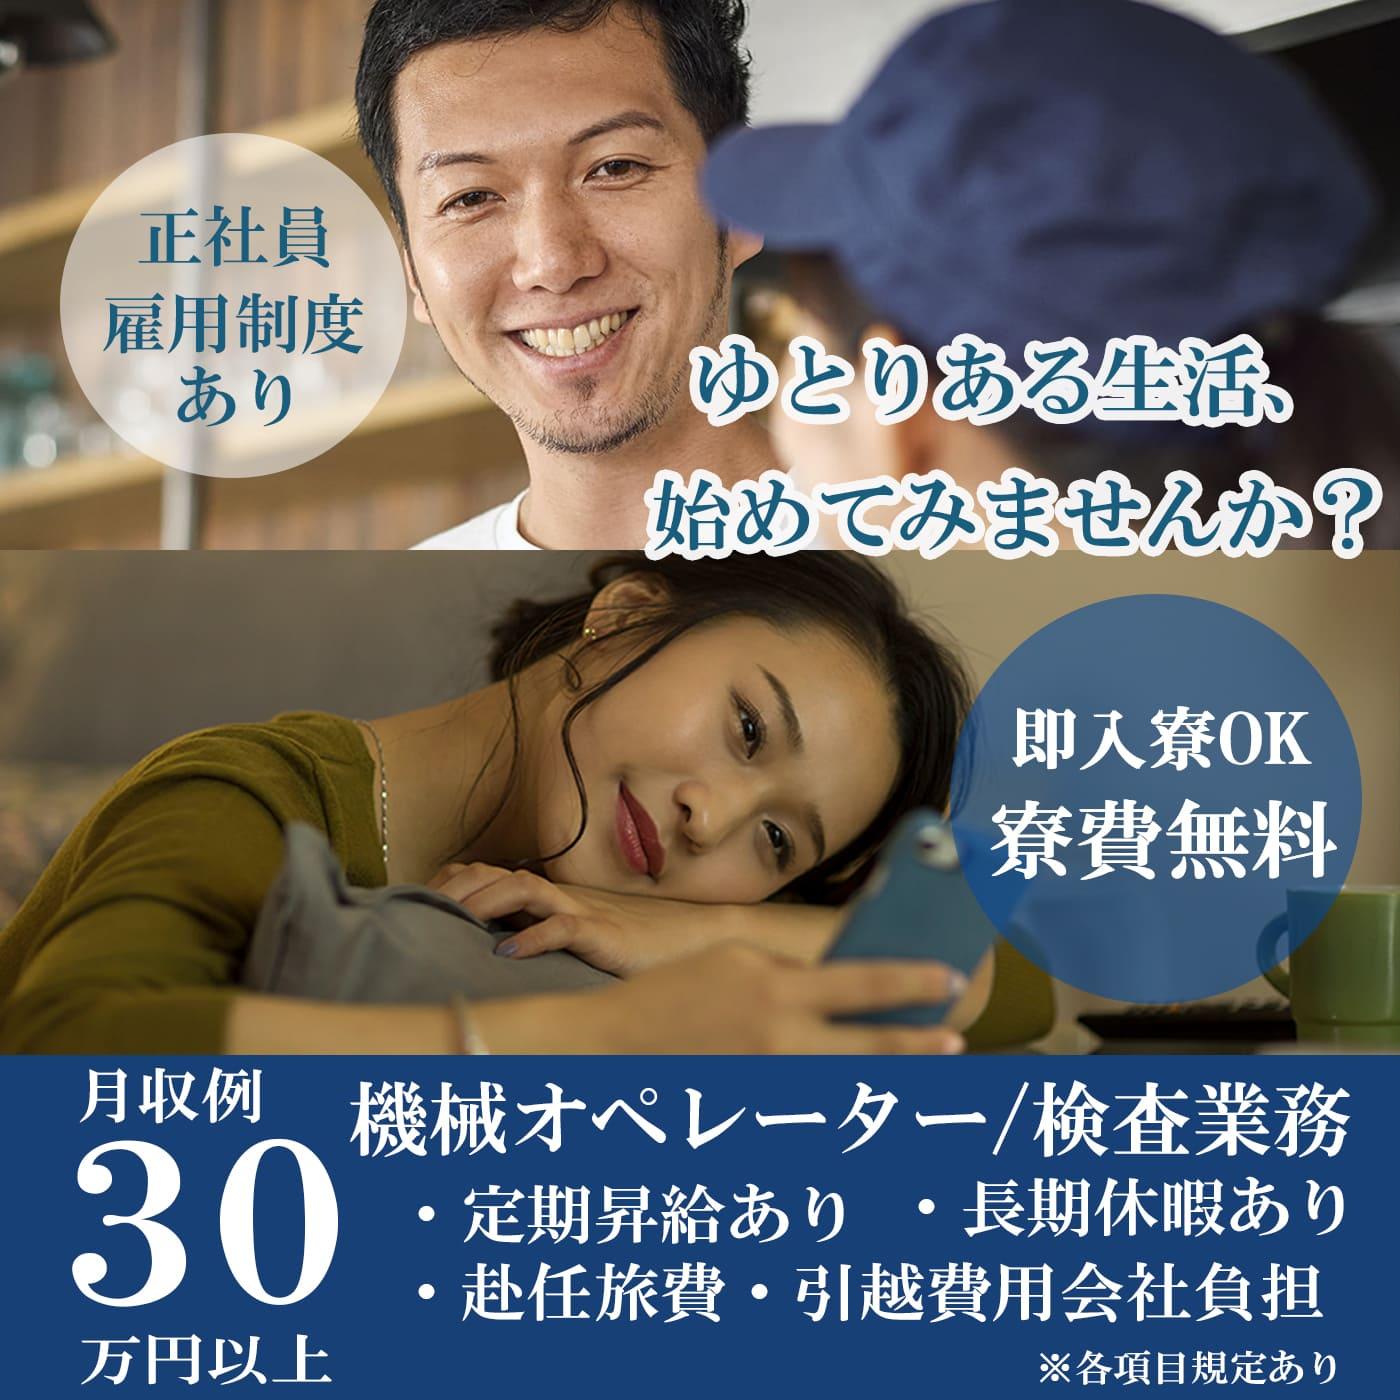 Seyouthishi719 main1